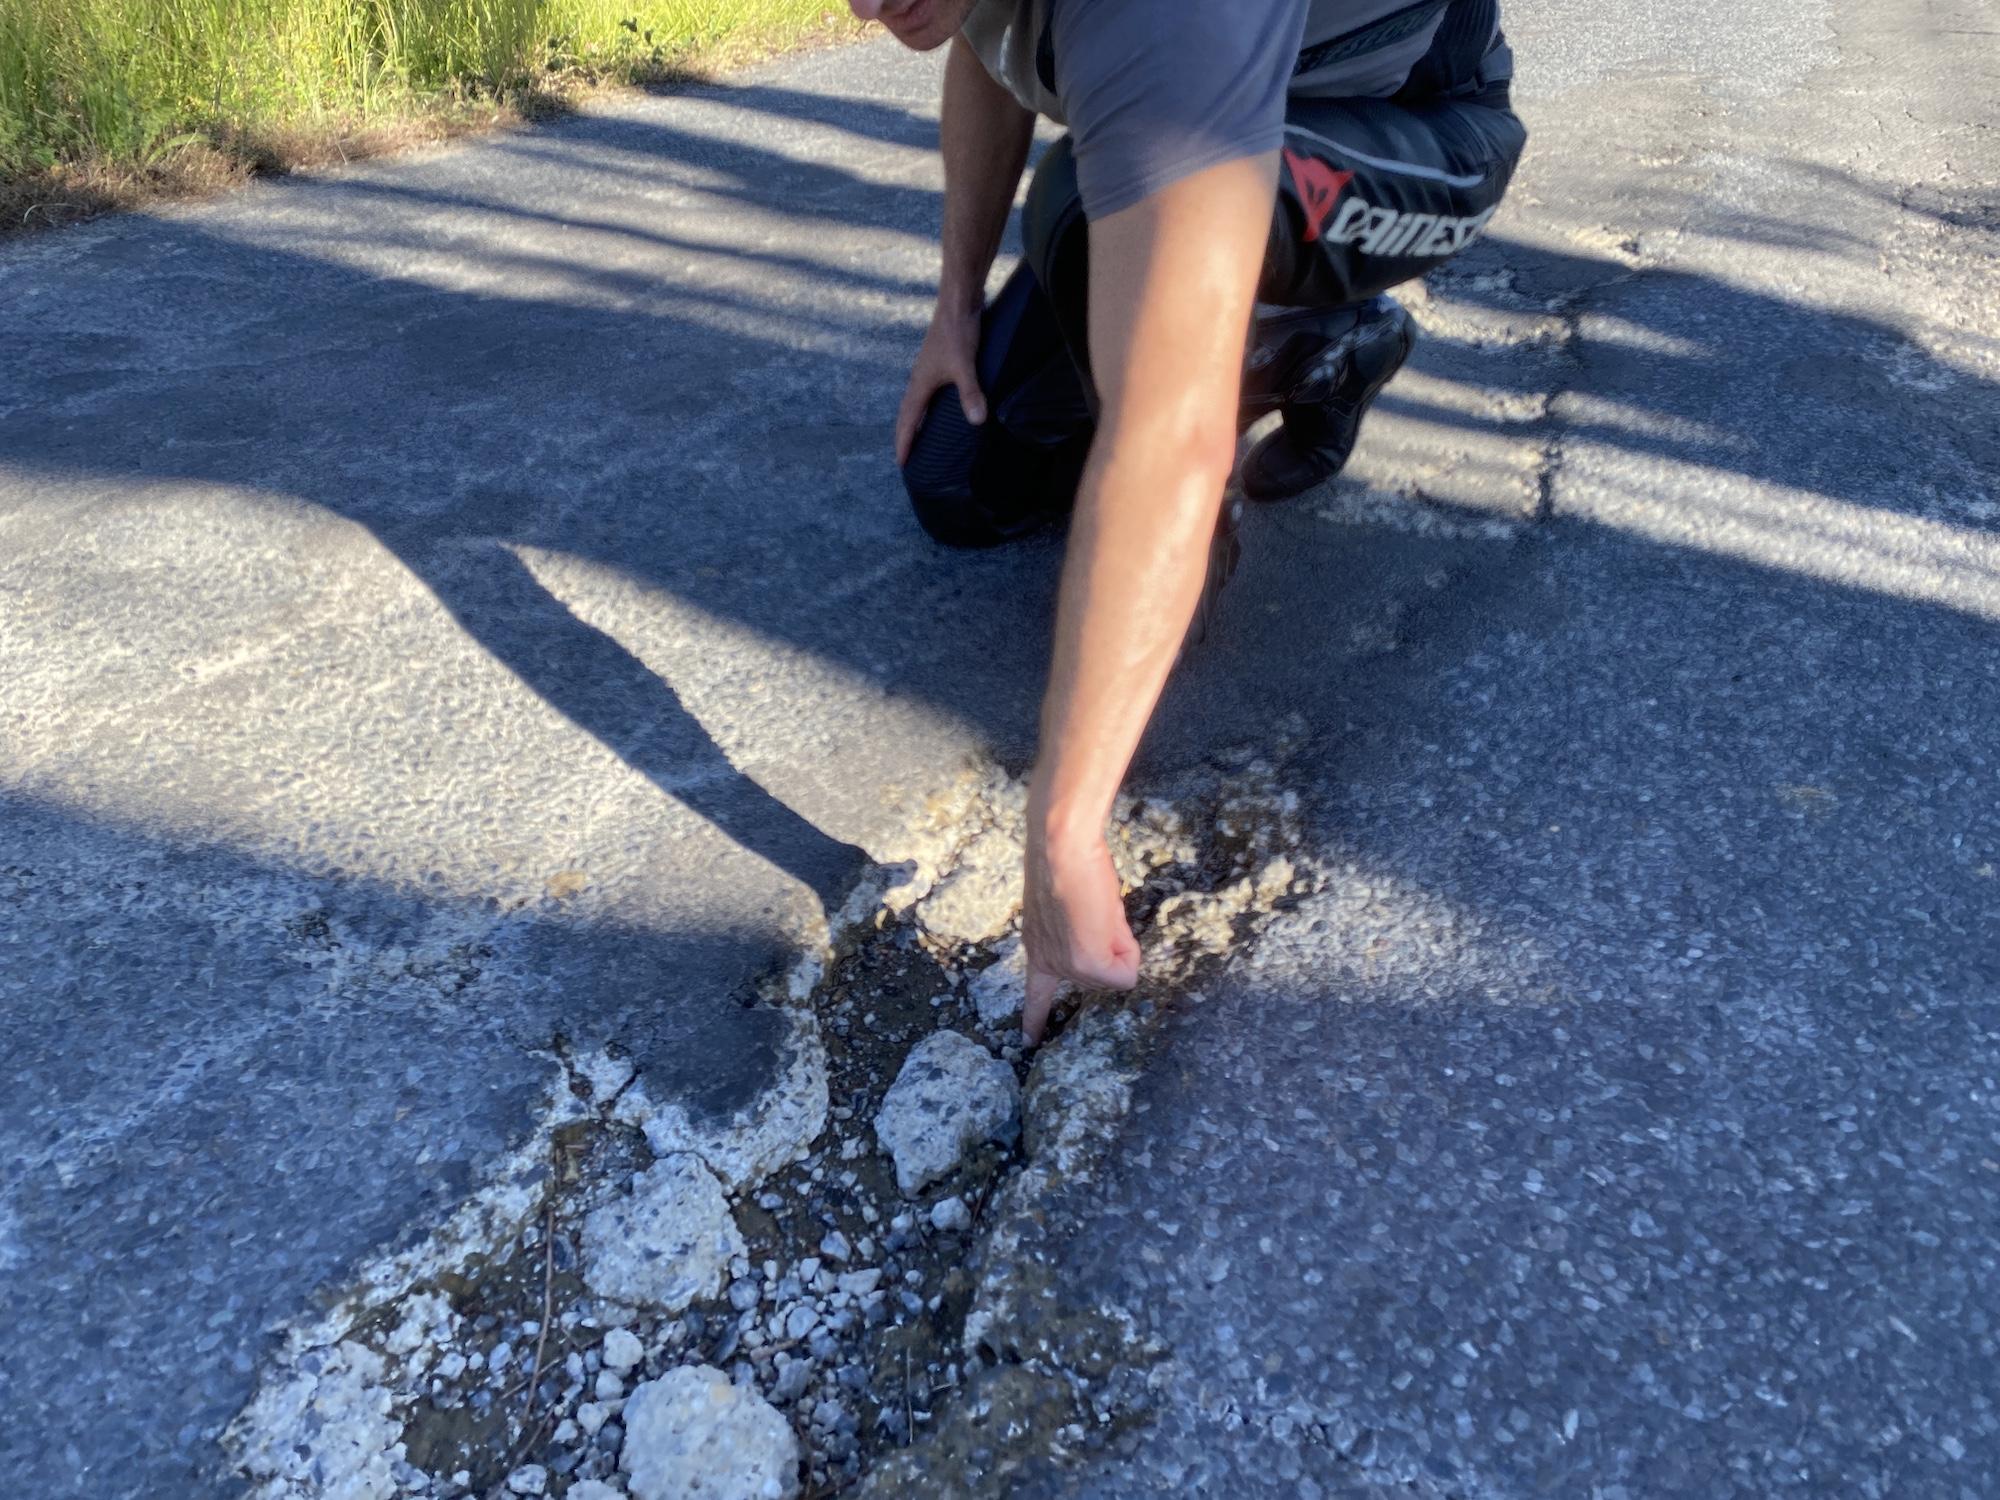 tyre puncture pothole ruts roadworks